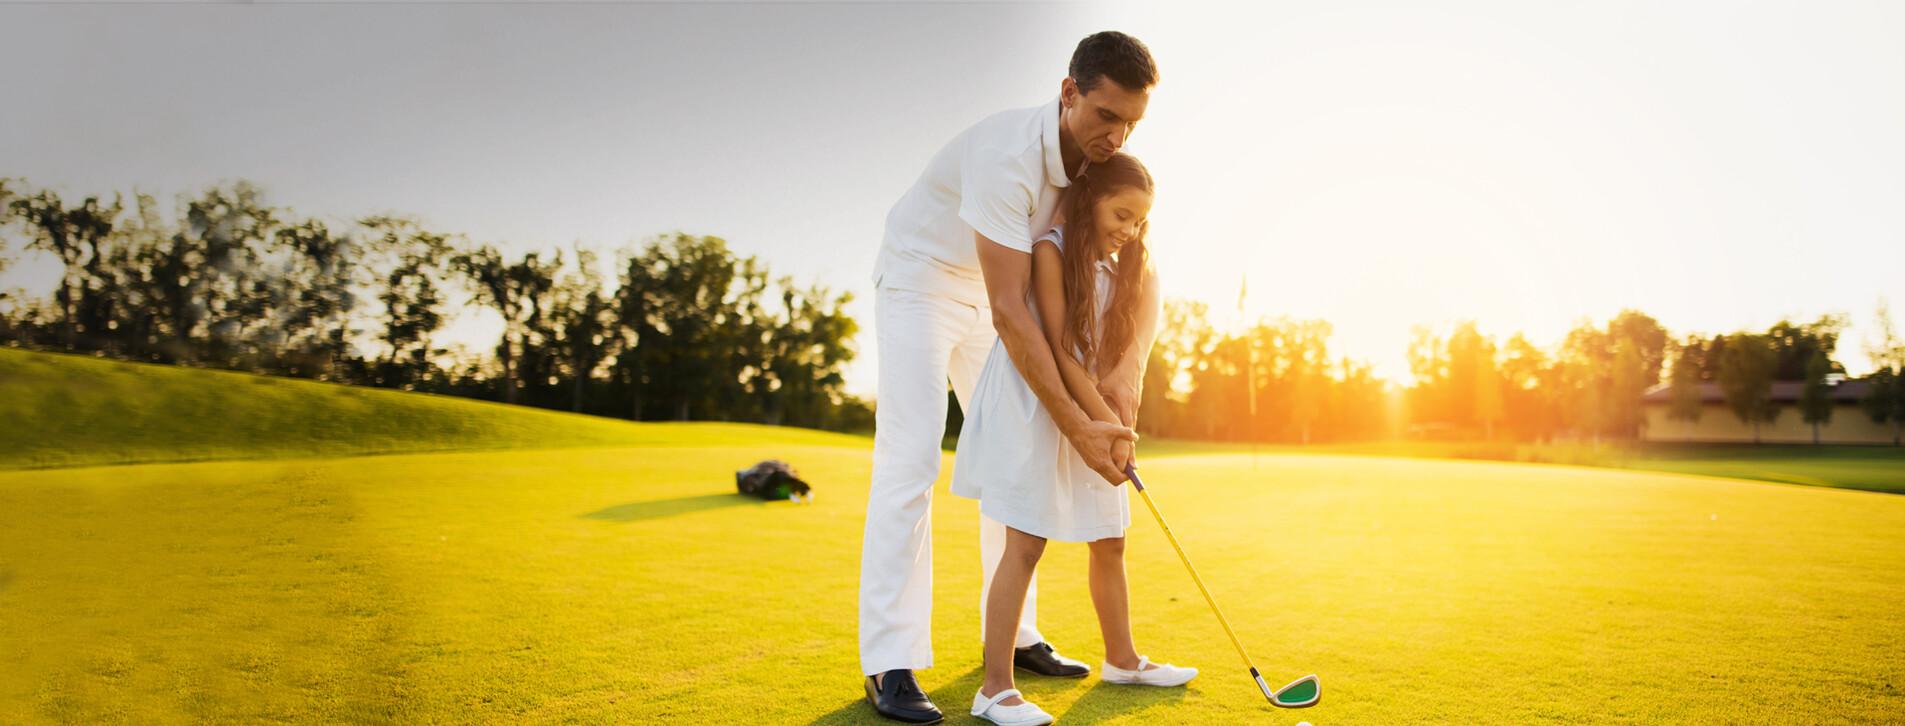 Фото 1 - Семейный уикенд в гольф-клубе